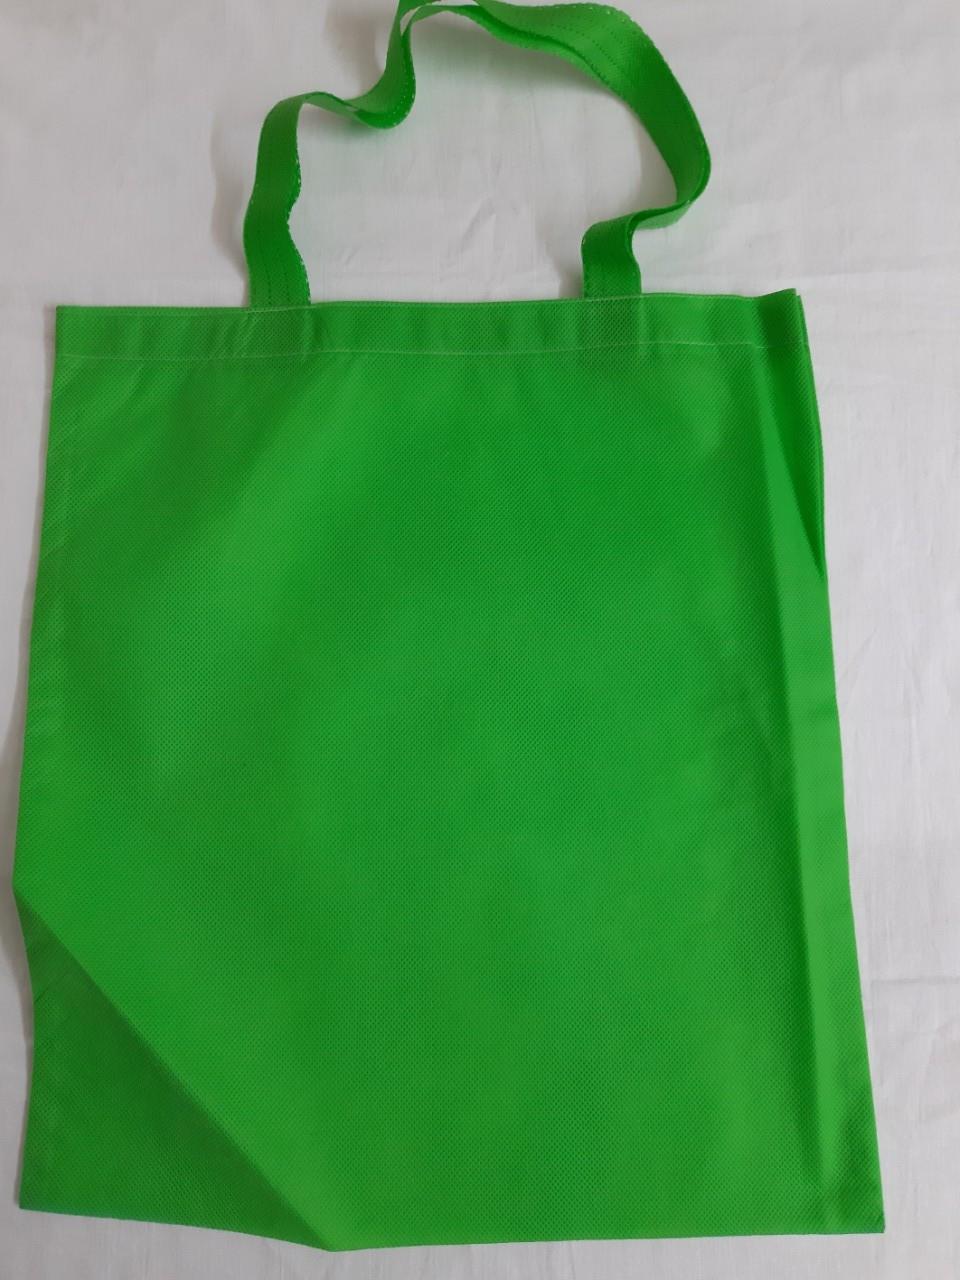 Эко-сумка из спанбонда с петлевыми ручками плоская 40*45 см Одетекс